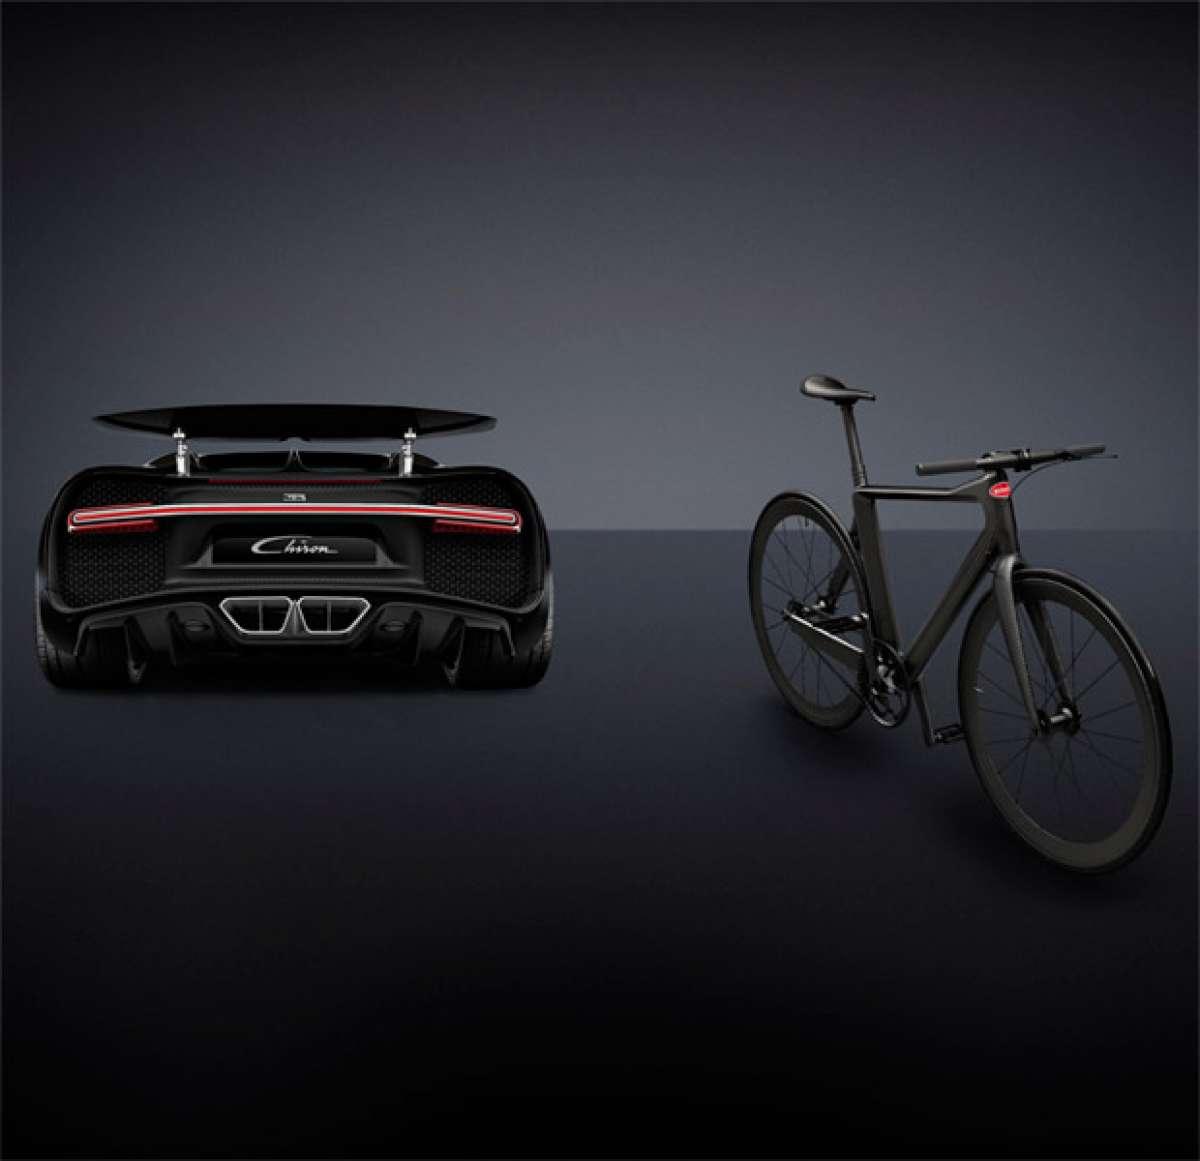 39.000 dólares para la última creación de Bugatti, y sin motor: una bicicleta urbana de menos de 5 kilos